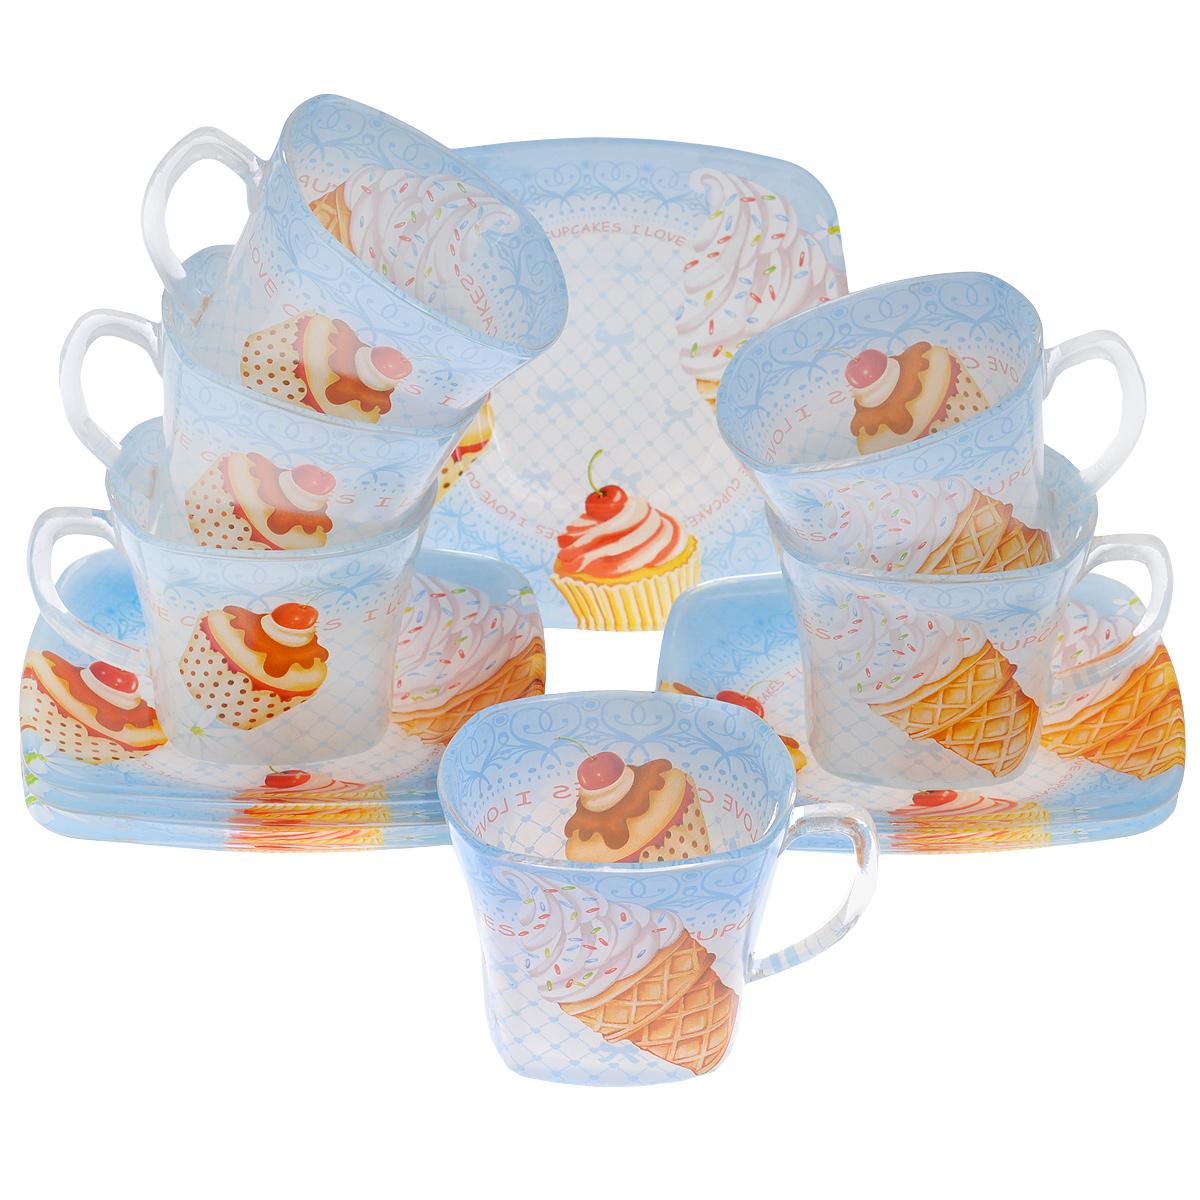 Набор посуды Сладости, 12 предметов10304Набор посуды состоит из 6 блюдец и 6 чашек. Изделия выполнены из высококачественного стекла и оформлены изображением кексов и мороженного. Этот набор эффектно украсит стол, а также прекрасно подойдет для торжественных случаев. Красочность оформления придется по вкусу и ценителям классики, и тем, кто предпочитает утонченность и изящность.